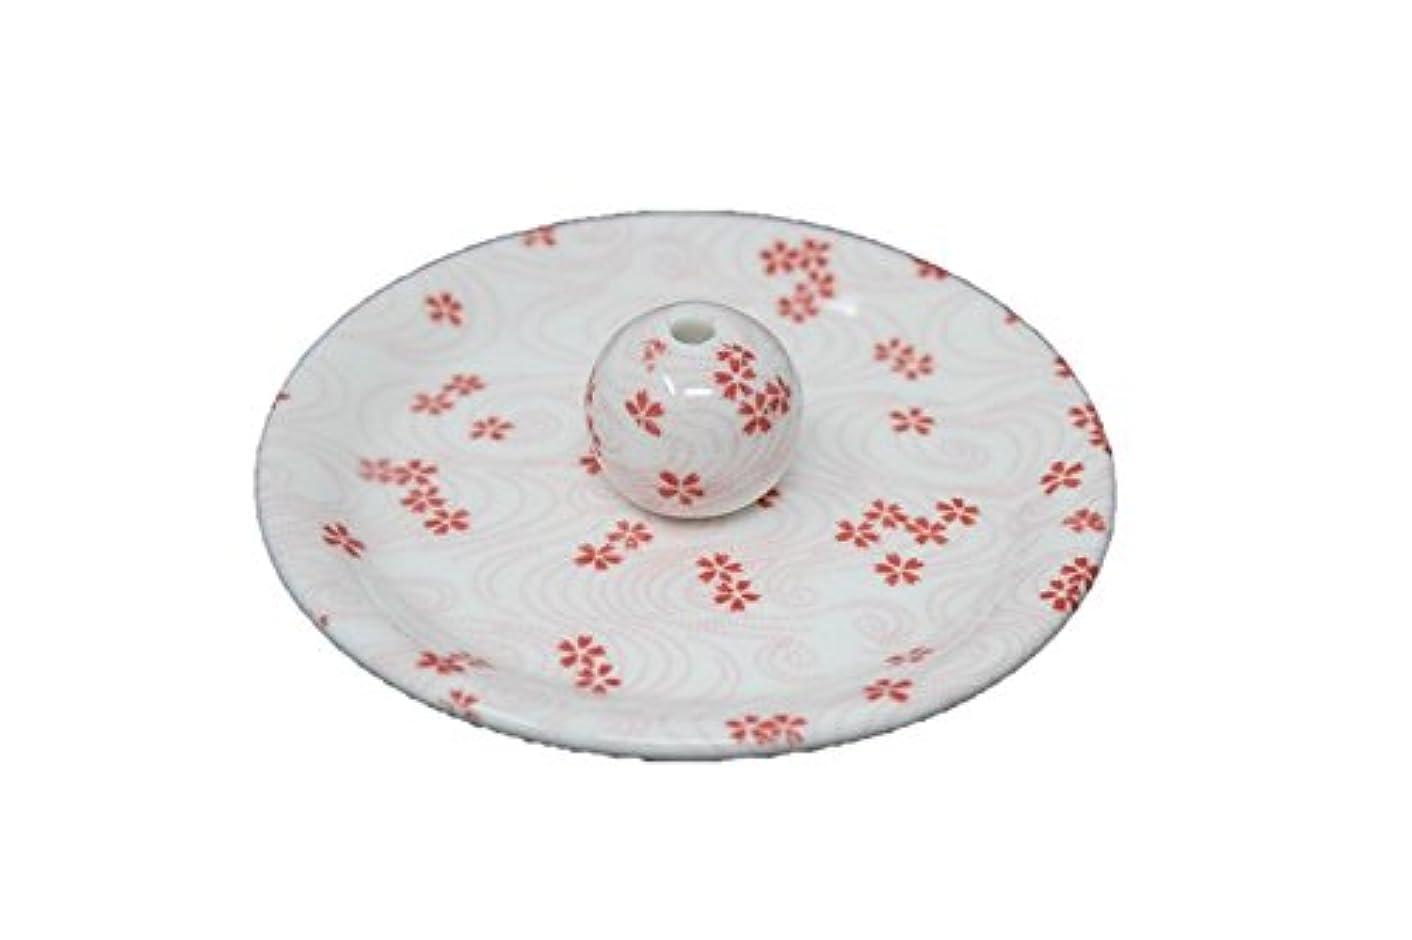 アシュリータファーマンシングル同時9-34 桜渦 9cm香皿 お香立て お香たて 陶器 日本製 製造?直売品